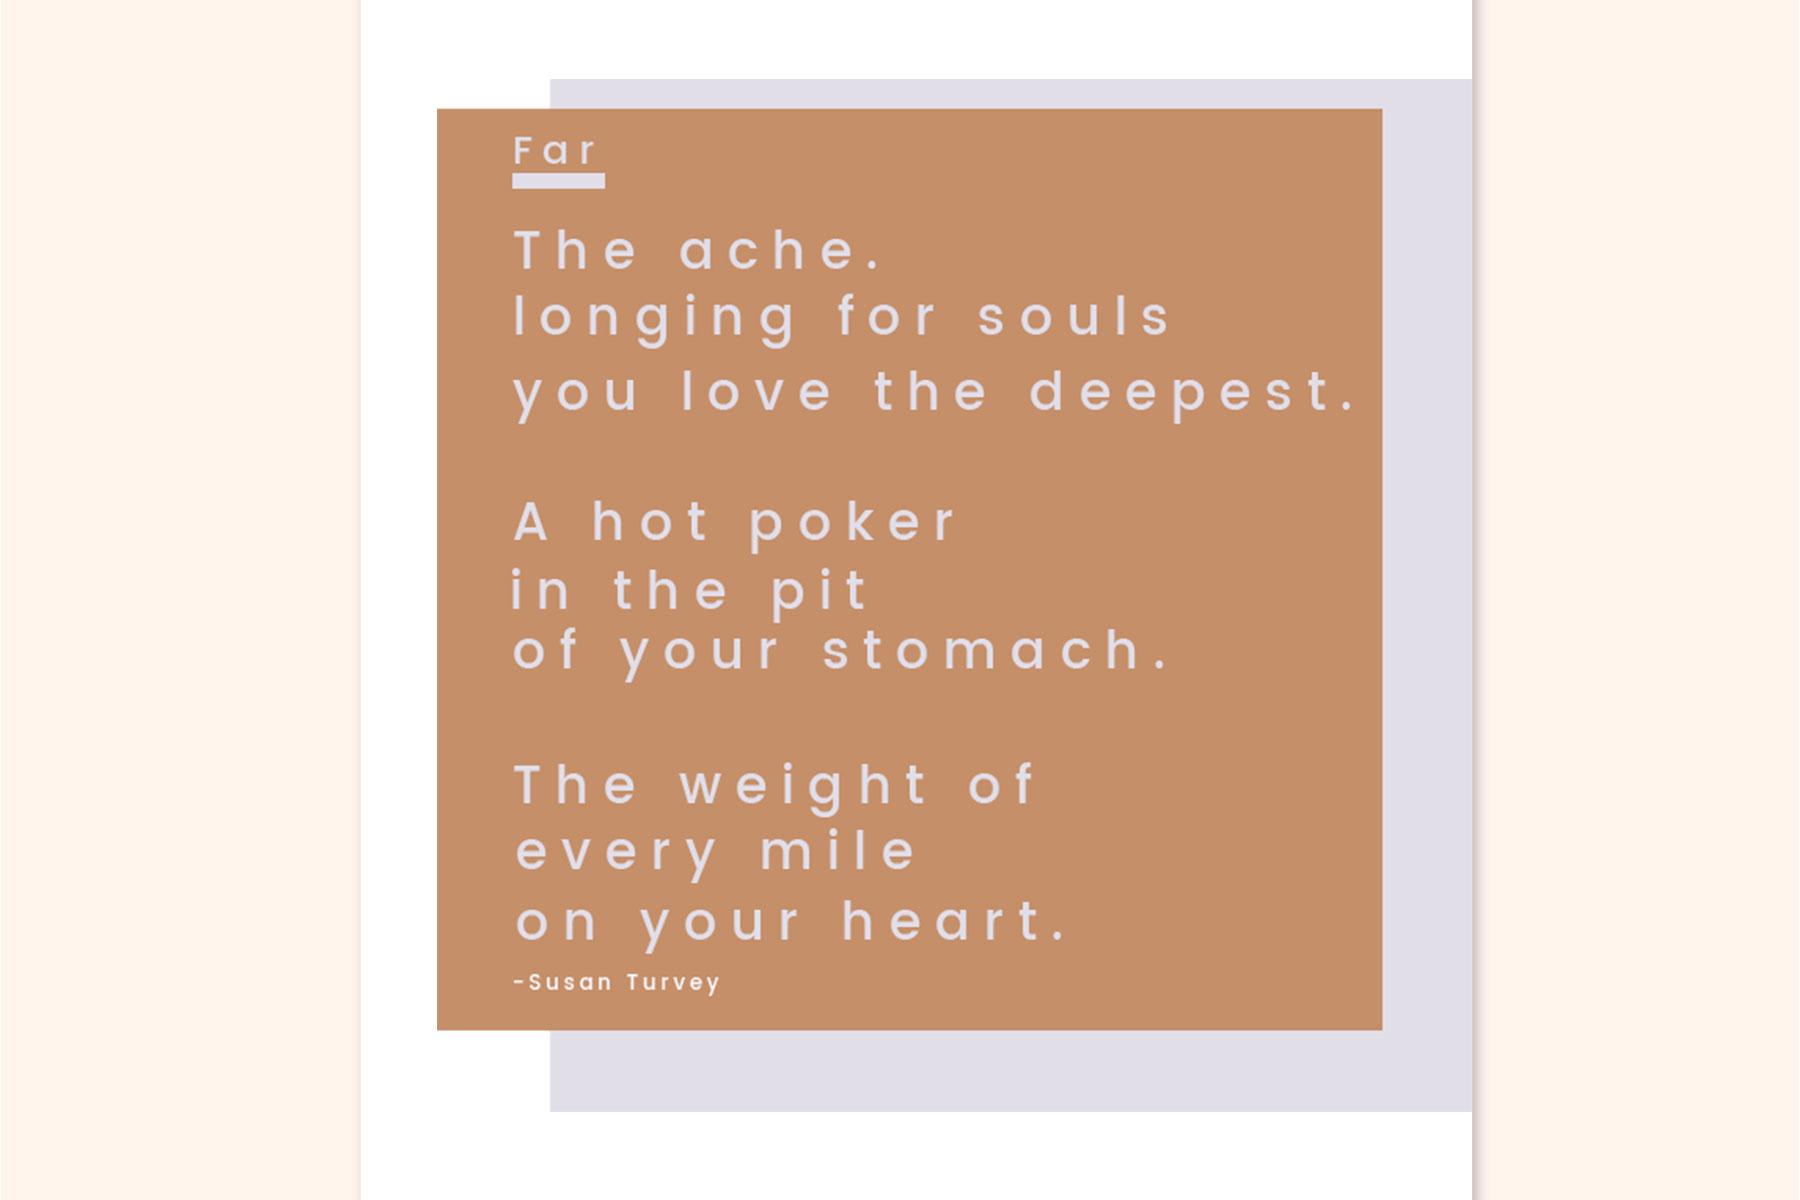 Susan Turvey Poem Far